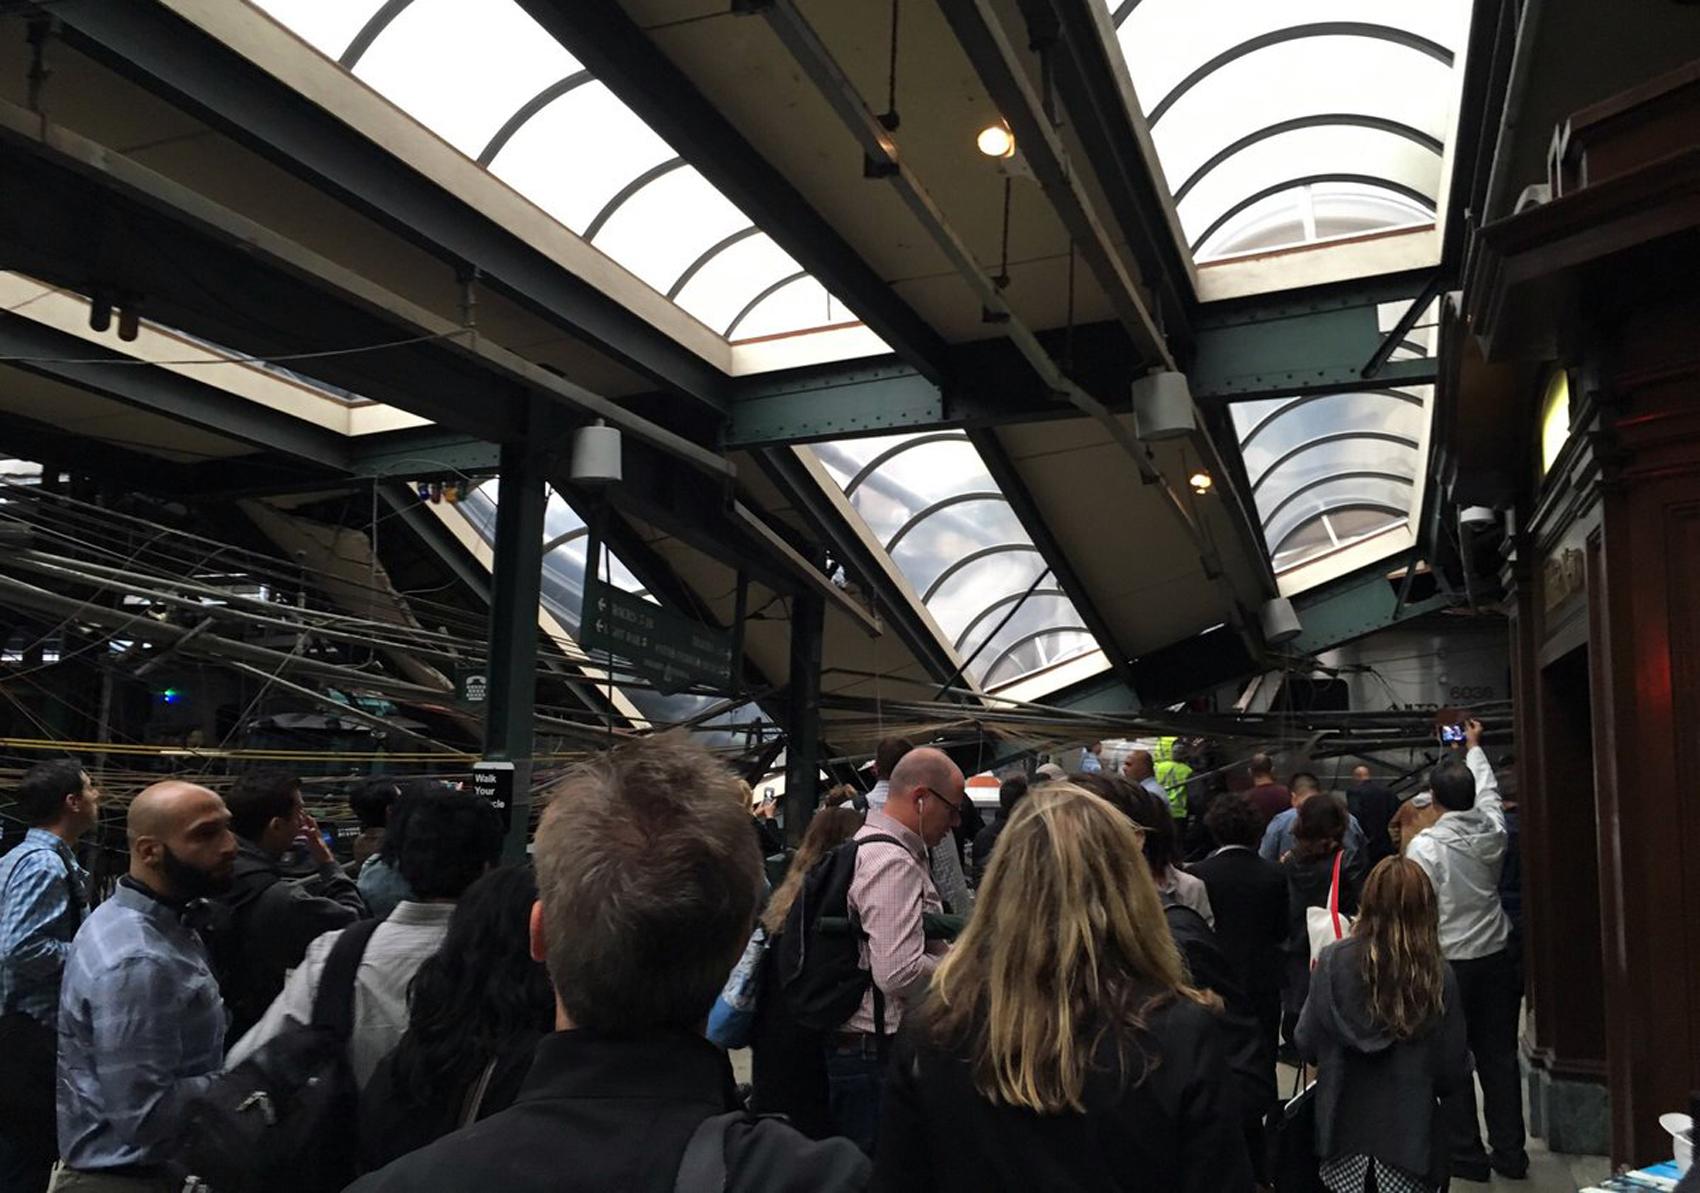 Dezenas de pessoas ficaram feridas no acidente na estação de Hoboken, no estado da Nova Jérsei